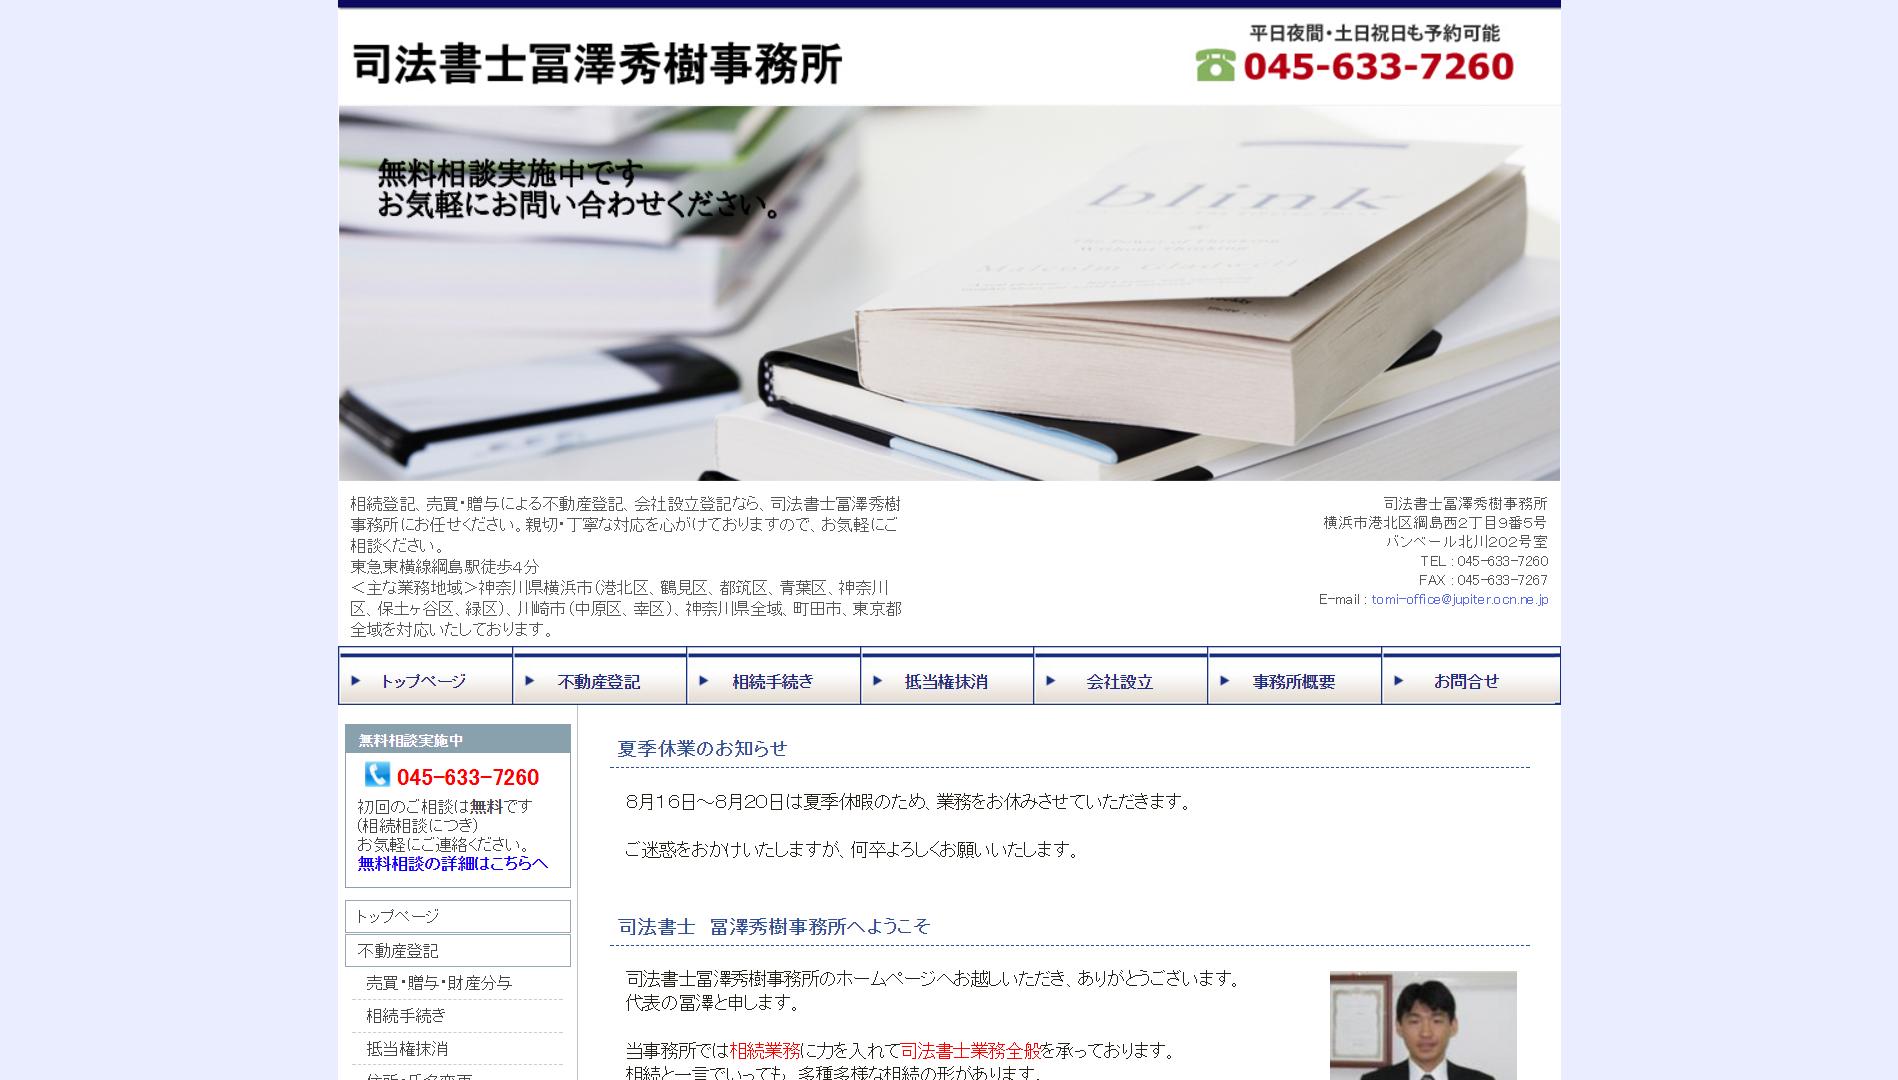 司法書士冨澤秀樹事務所(神奈川県横浜市港北区)